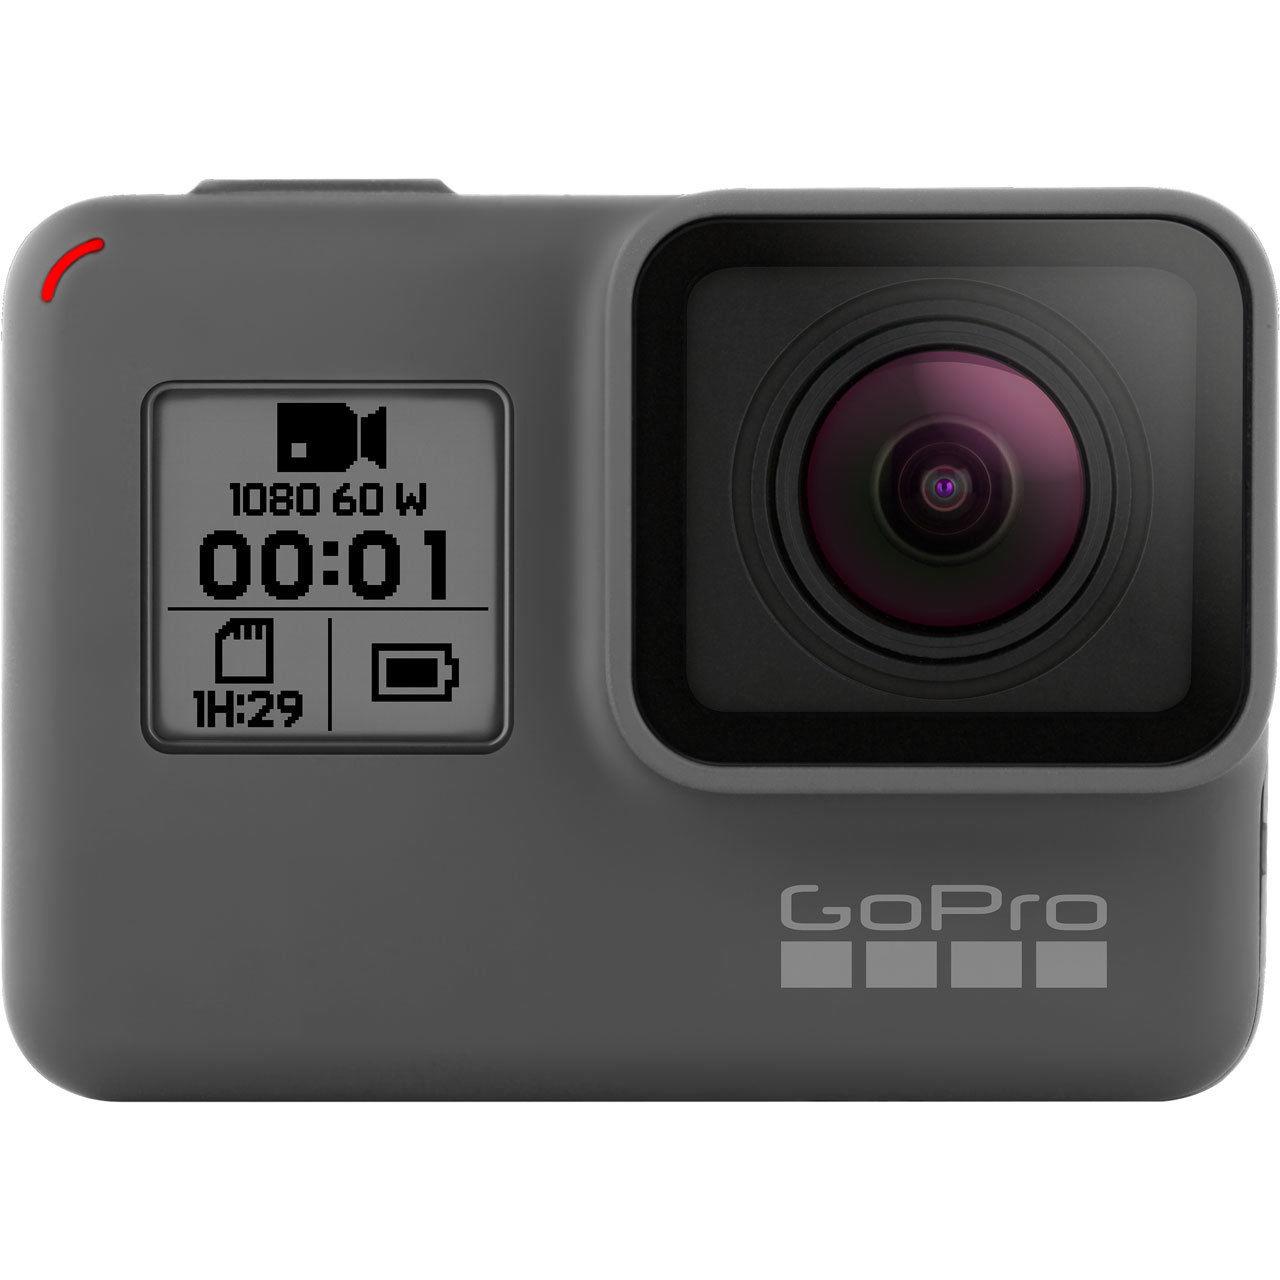 GoPro HERO Full HD 1080p Action Camera £159.20 w/code + 2 year warranty @ AO Ebay